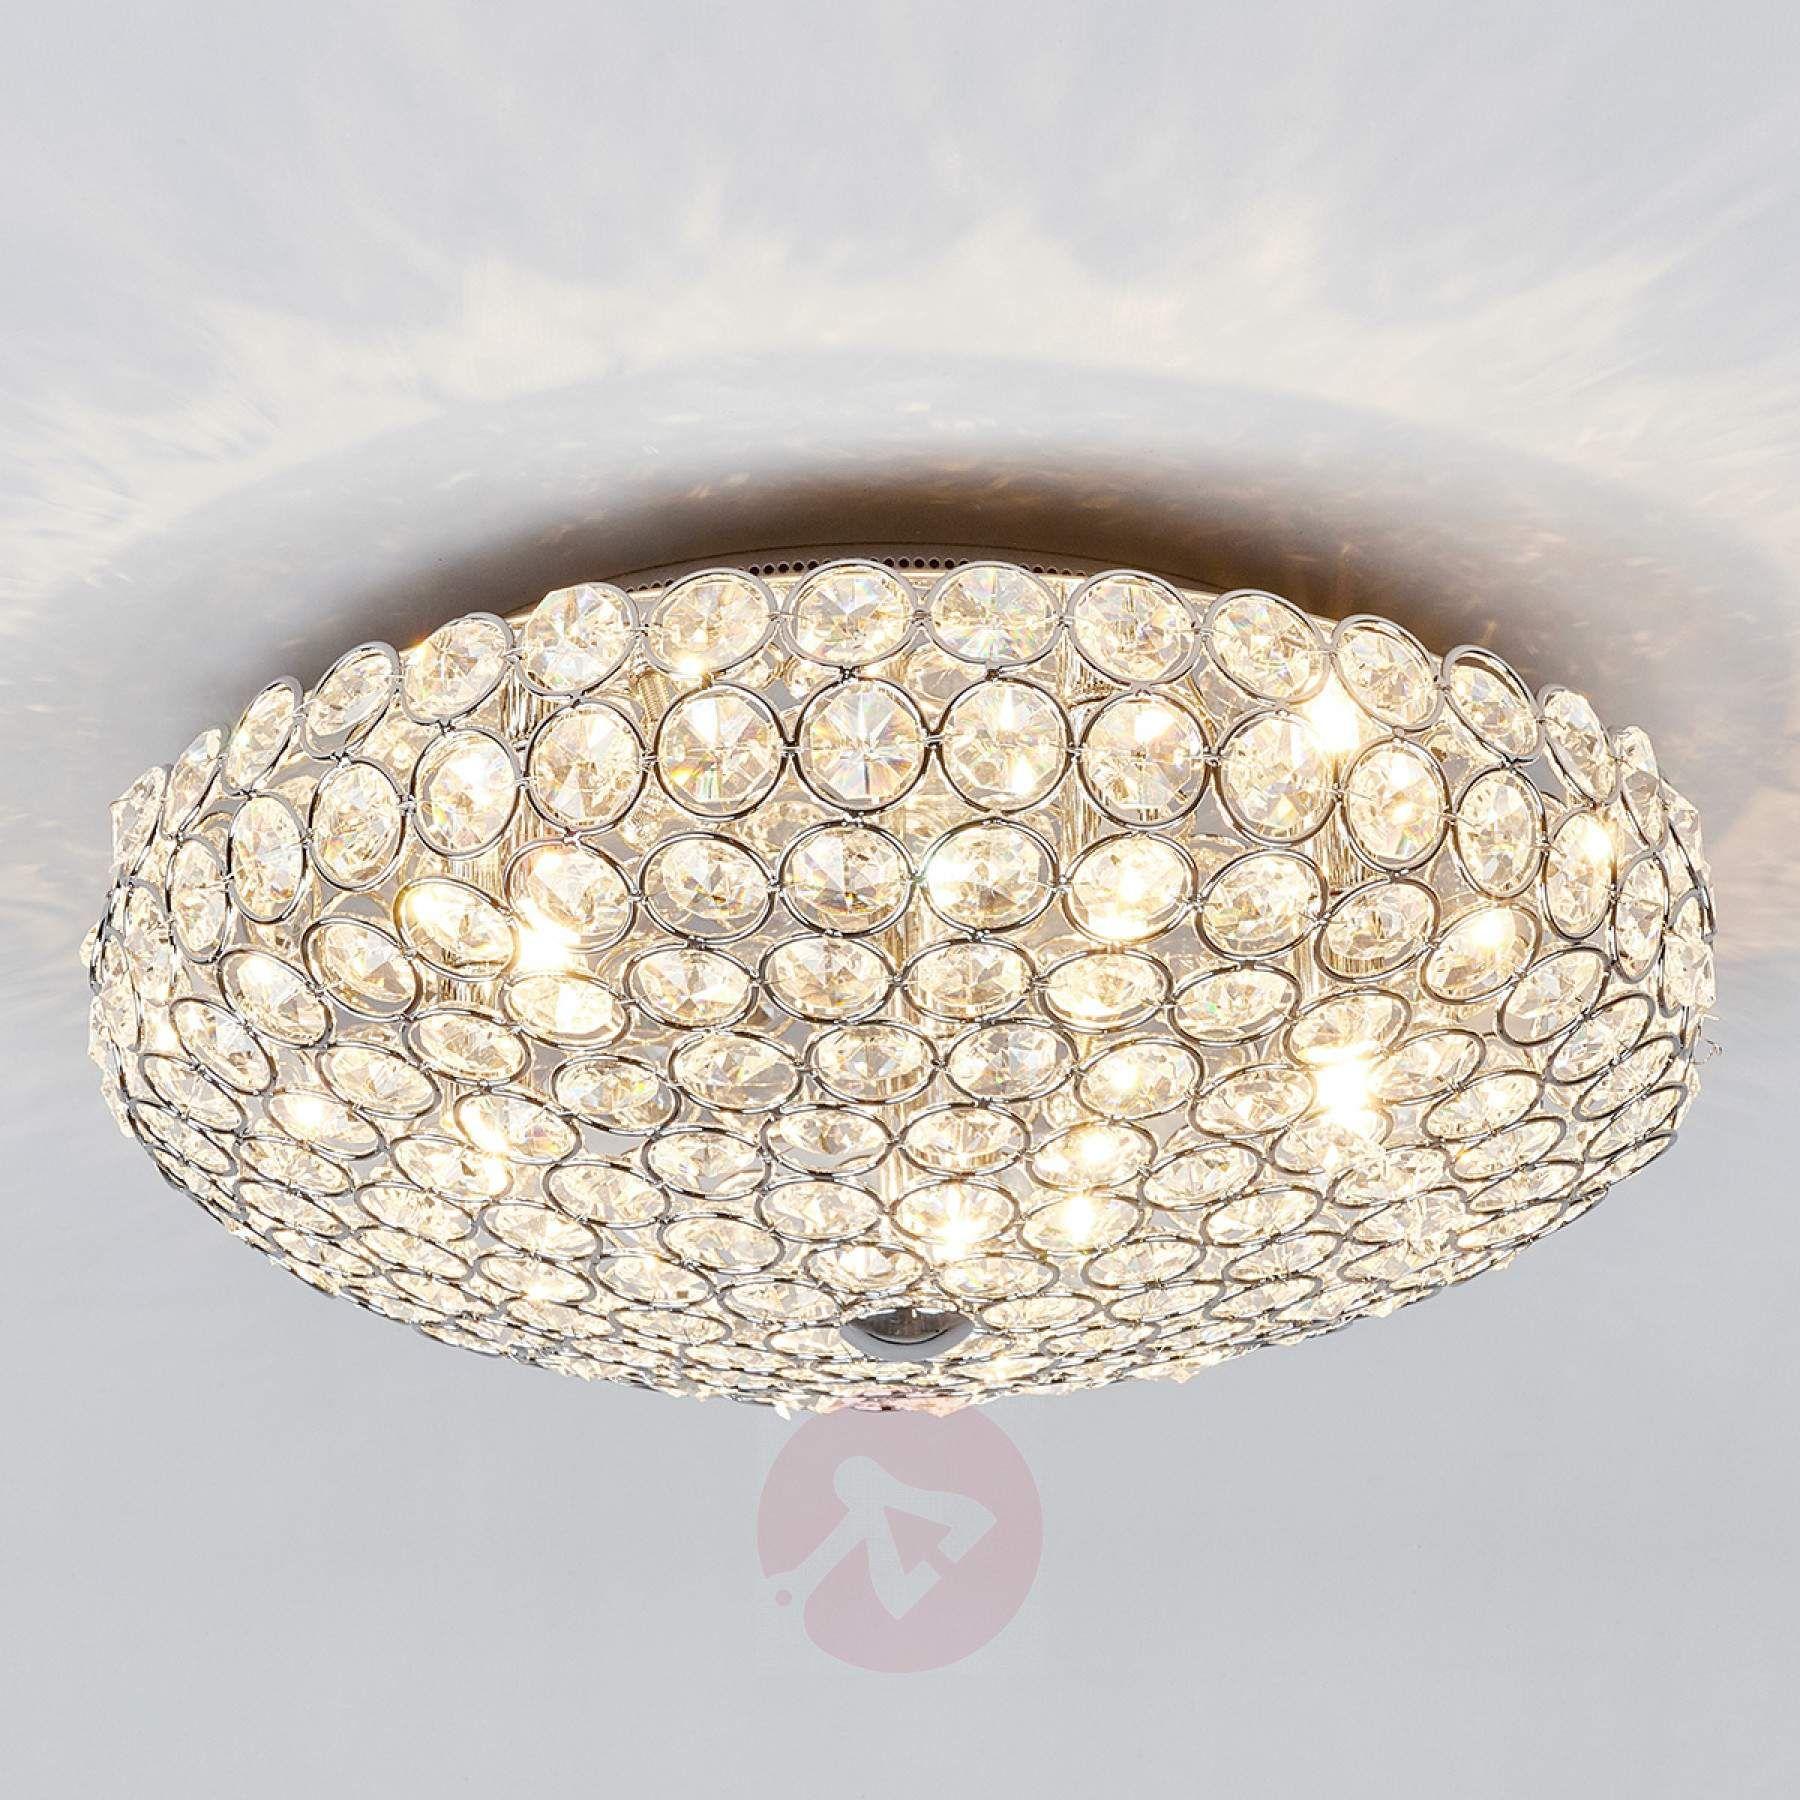 Dekorative Kristall Deckenleuchte Edda 9973001 01 Kristall Deckenleuchte Beleuchtung Decke Deckenlampe Kristall